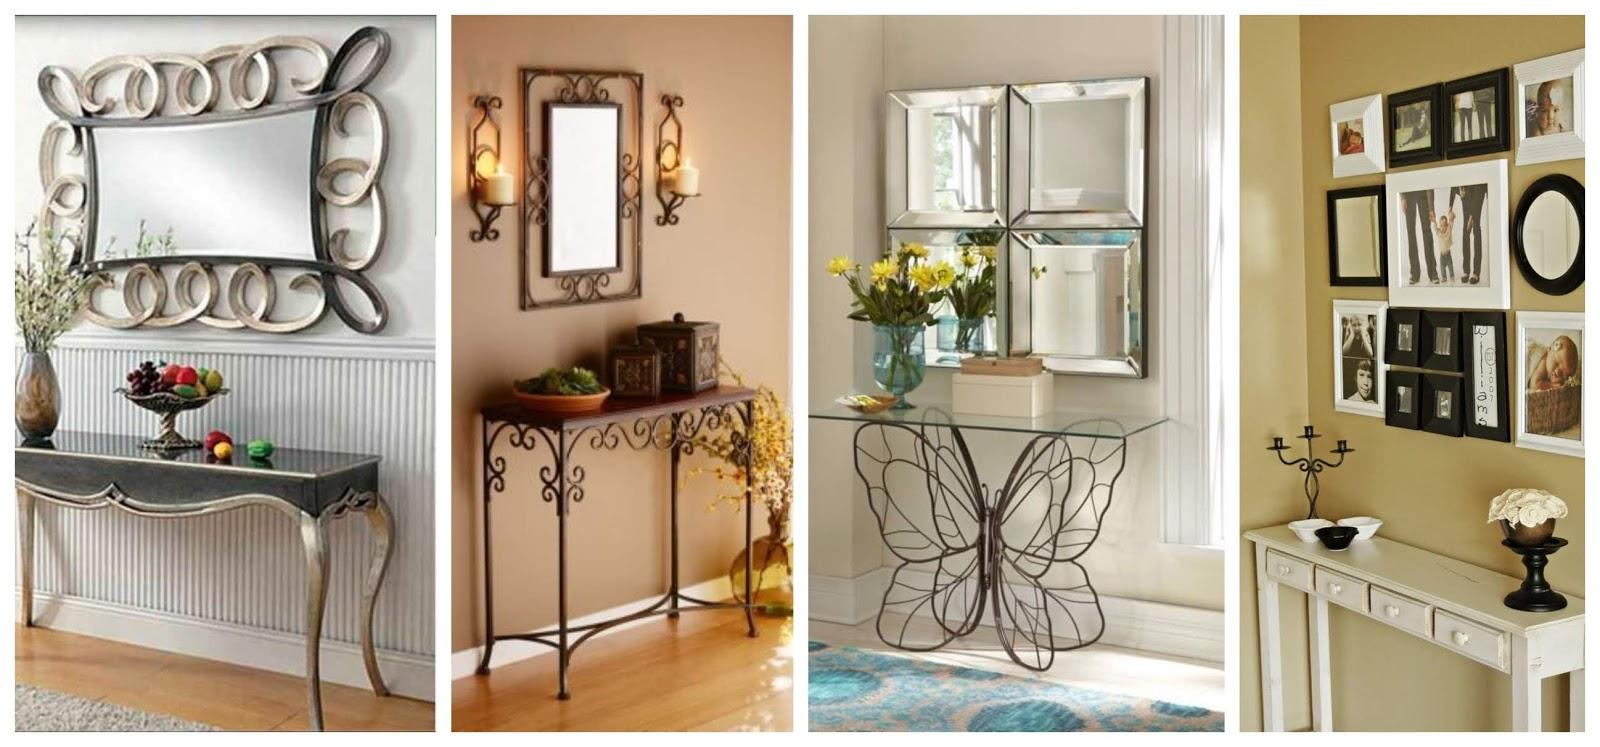 11 Mesas Decorativas Y útiles Para El Recibidor De La Casa